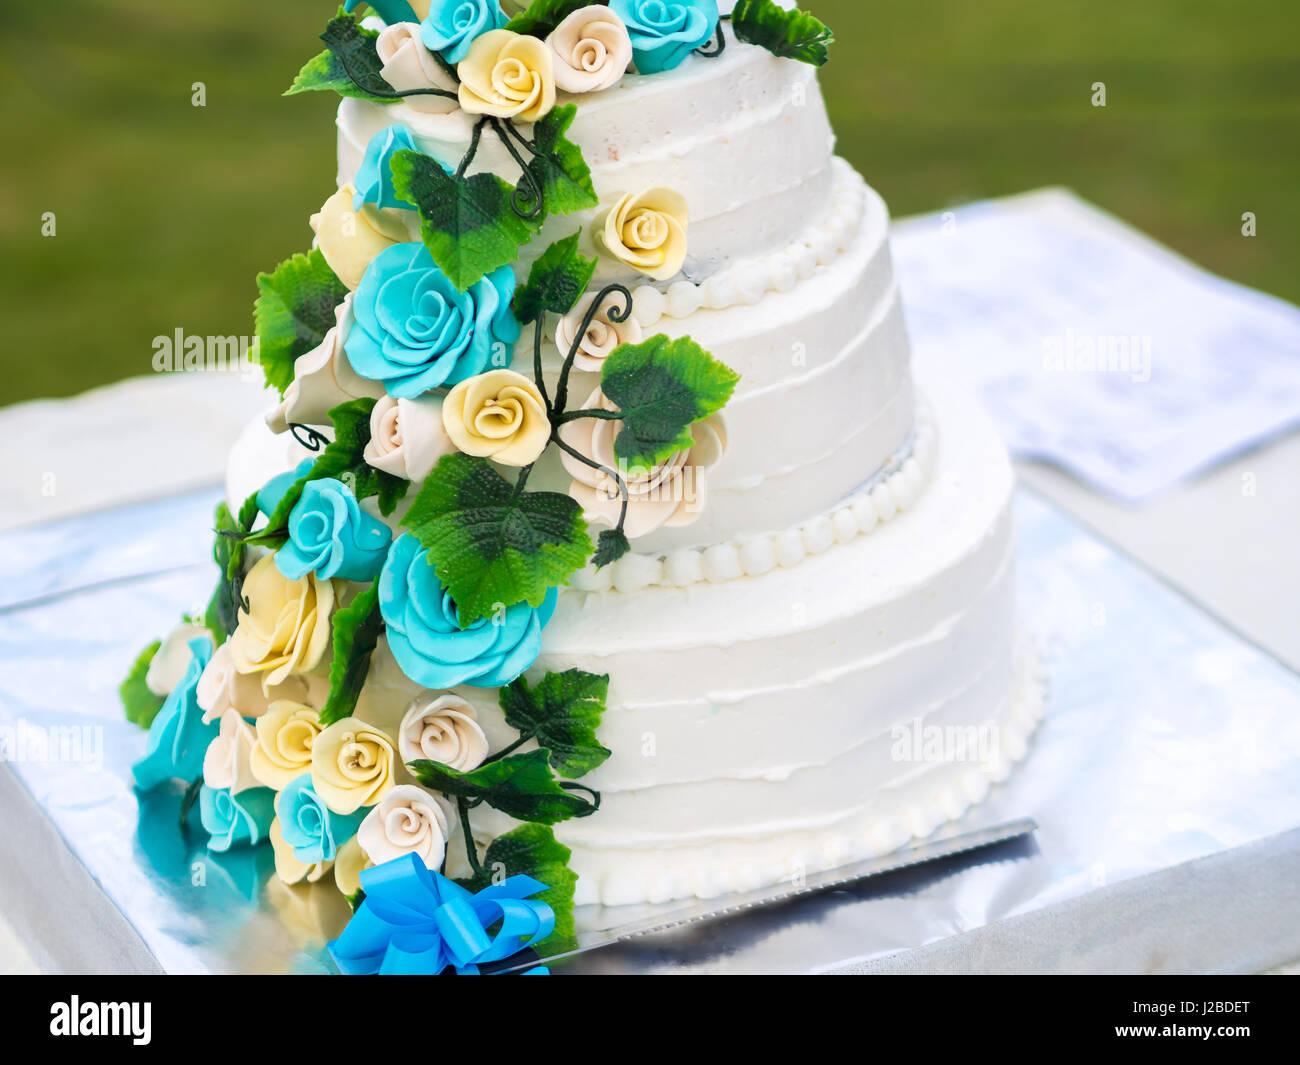 Beau gâteau de mariage avec des roses jaunes et bleu Photo Stock